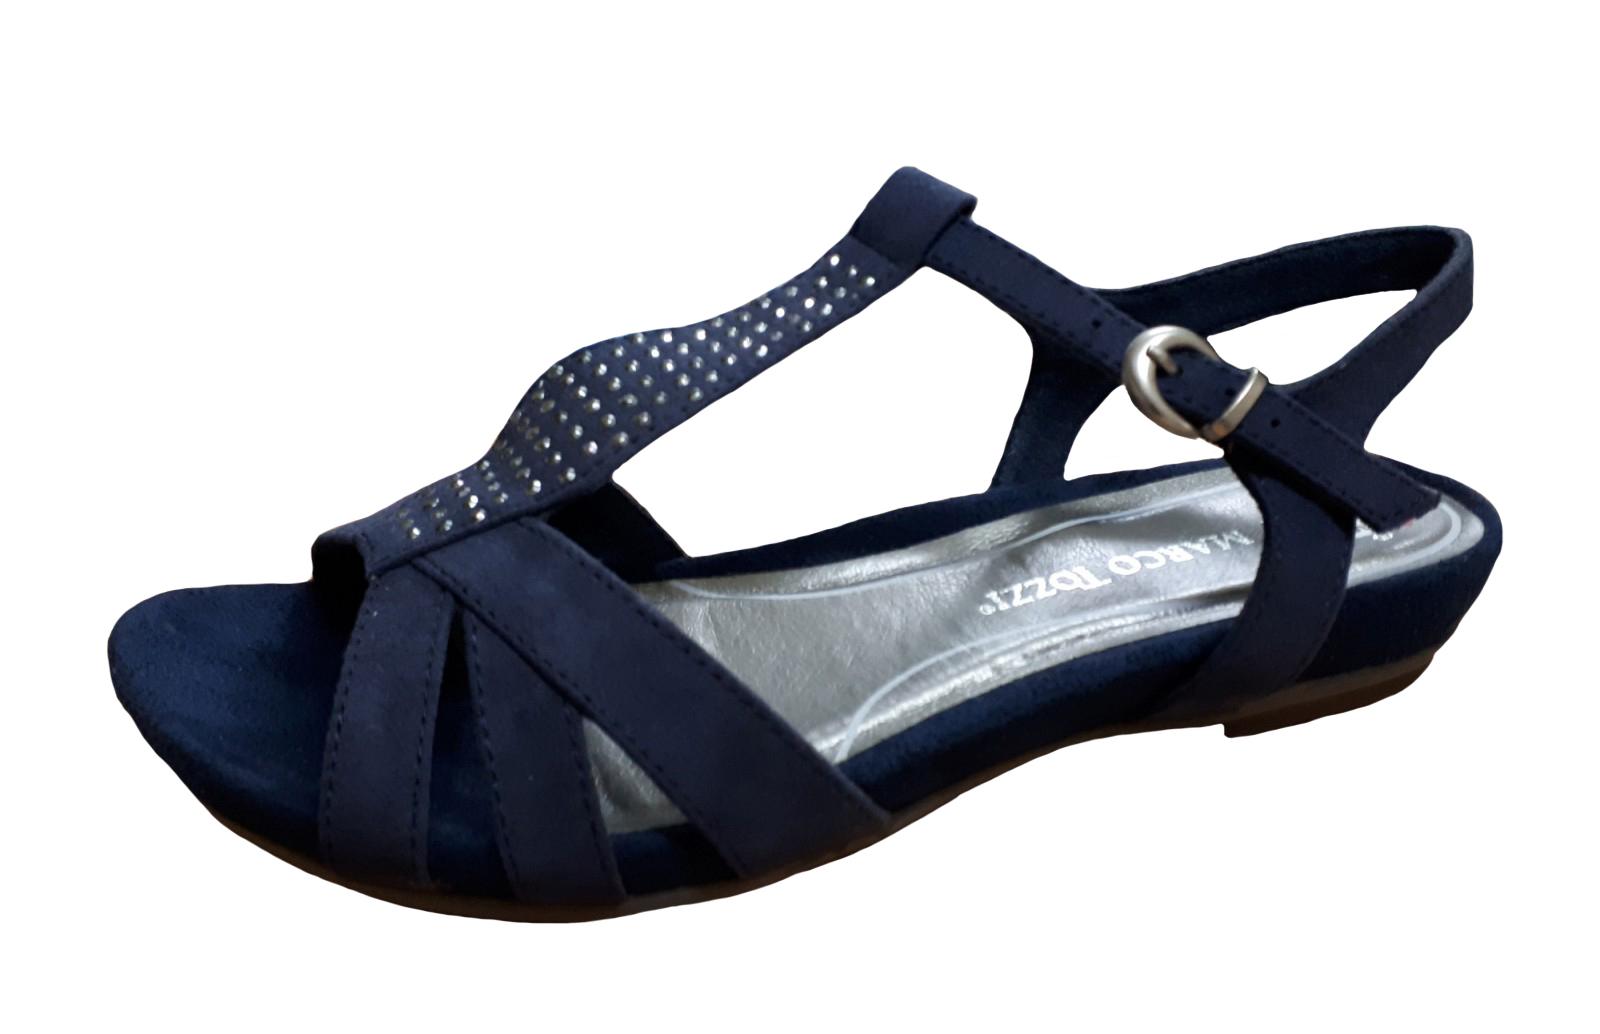 Laufschuhe Verarbeitung finden offizieller Shop Marco Tozzi Damen Sandalette 2-28106-805 blau   Schuhe direkt vom  Schuhhändler